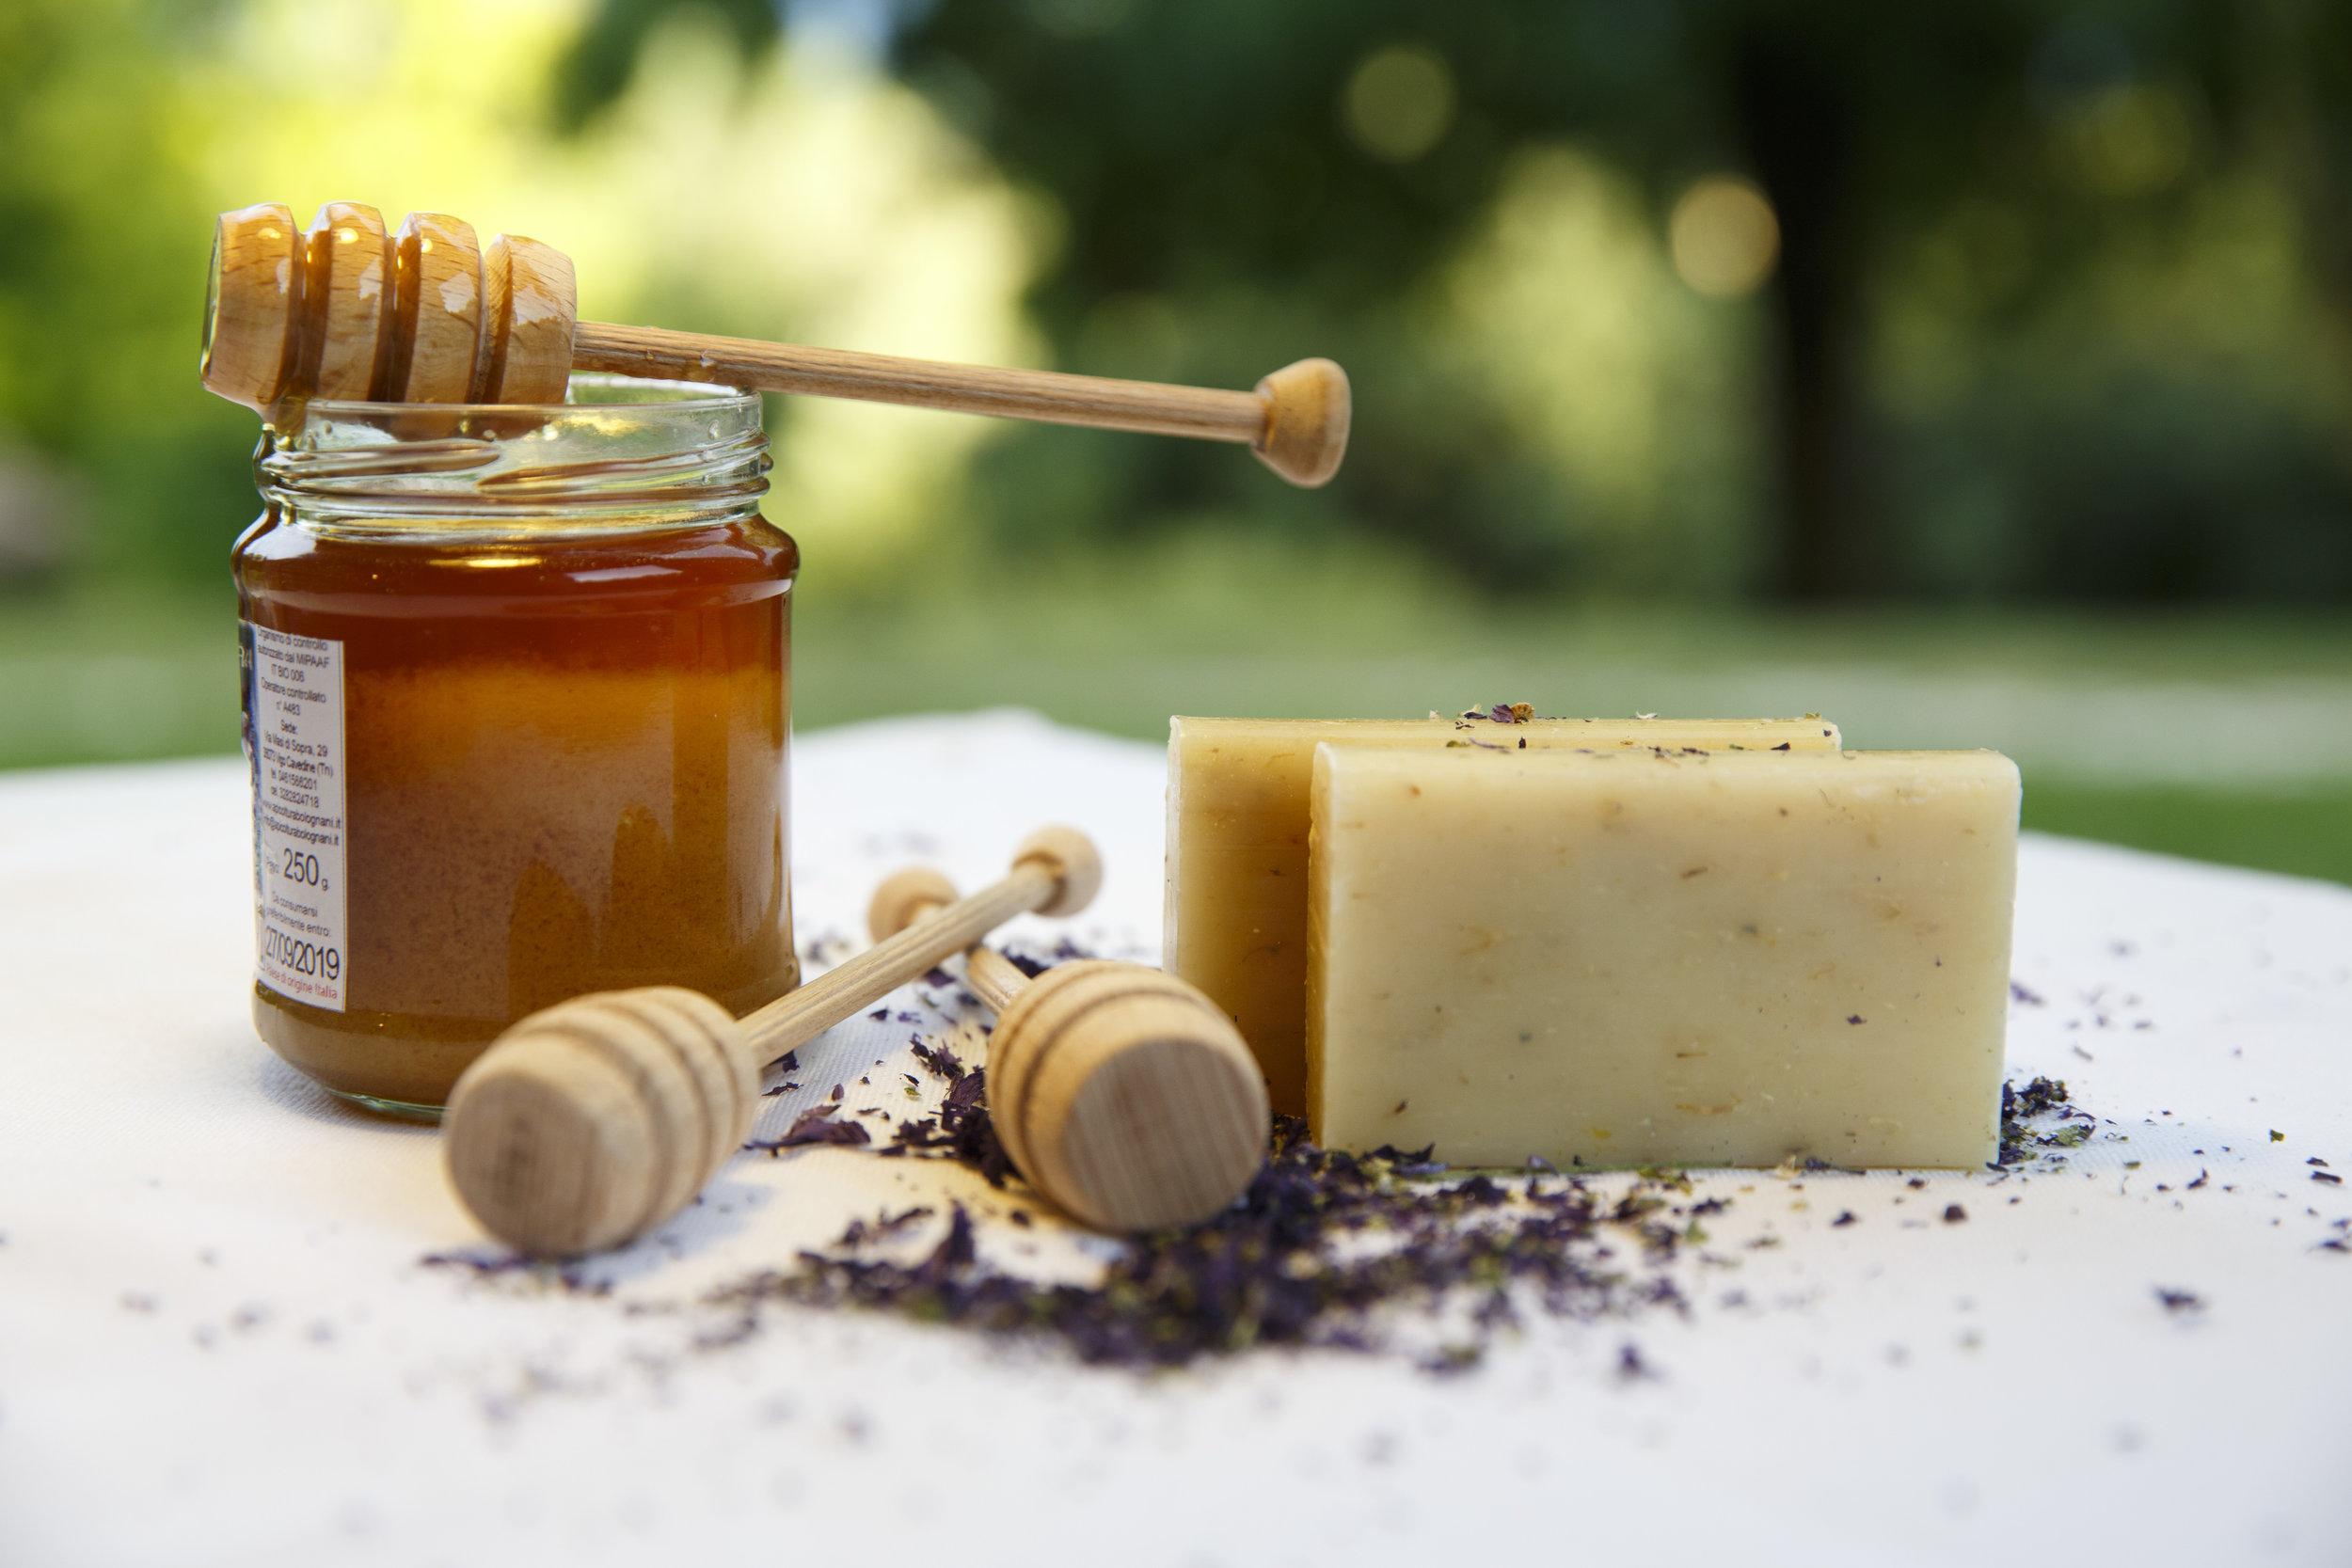 SAPONETTA VEGETALE con miele e fiori di malva